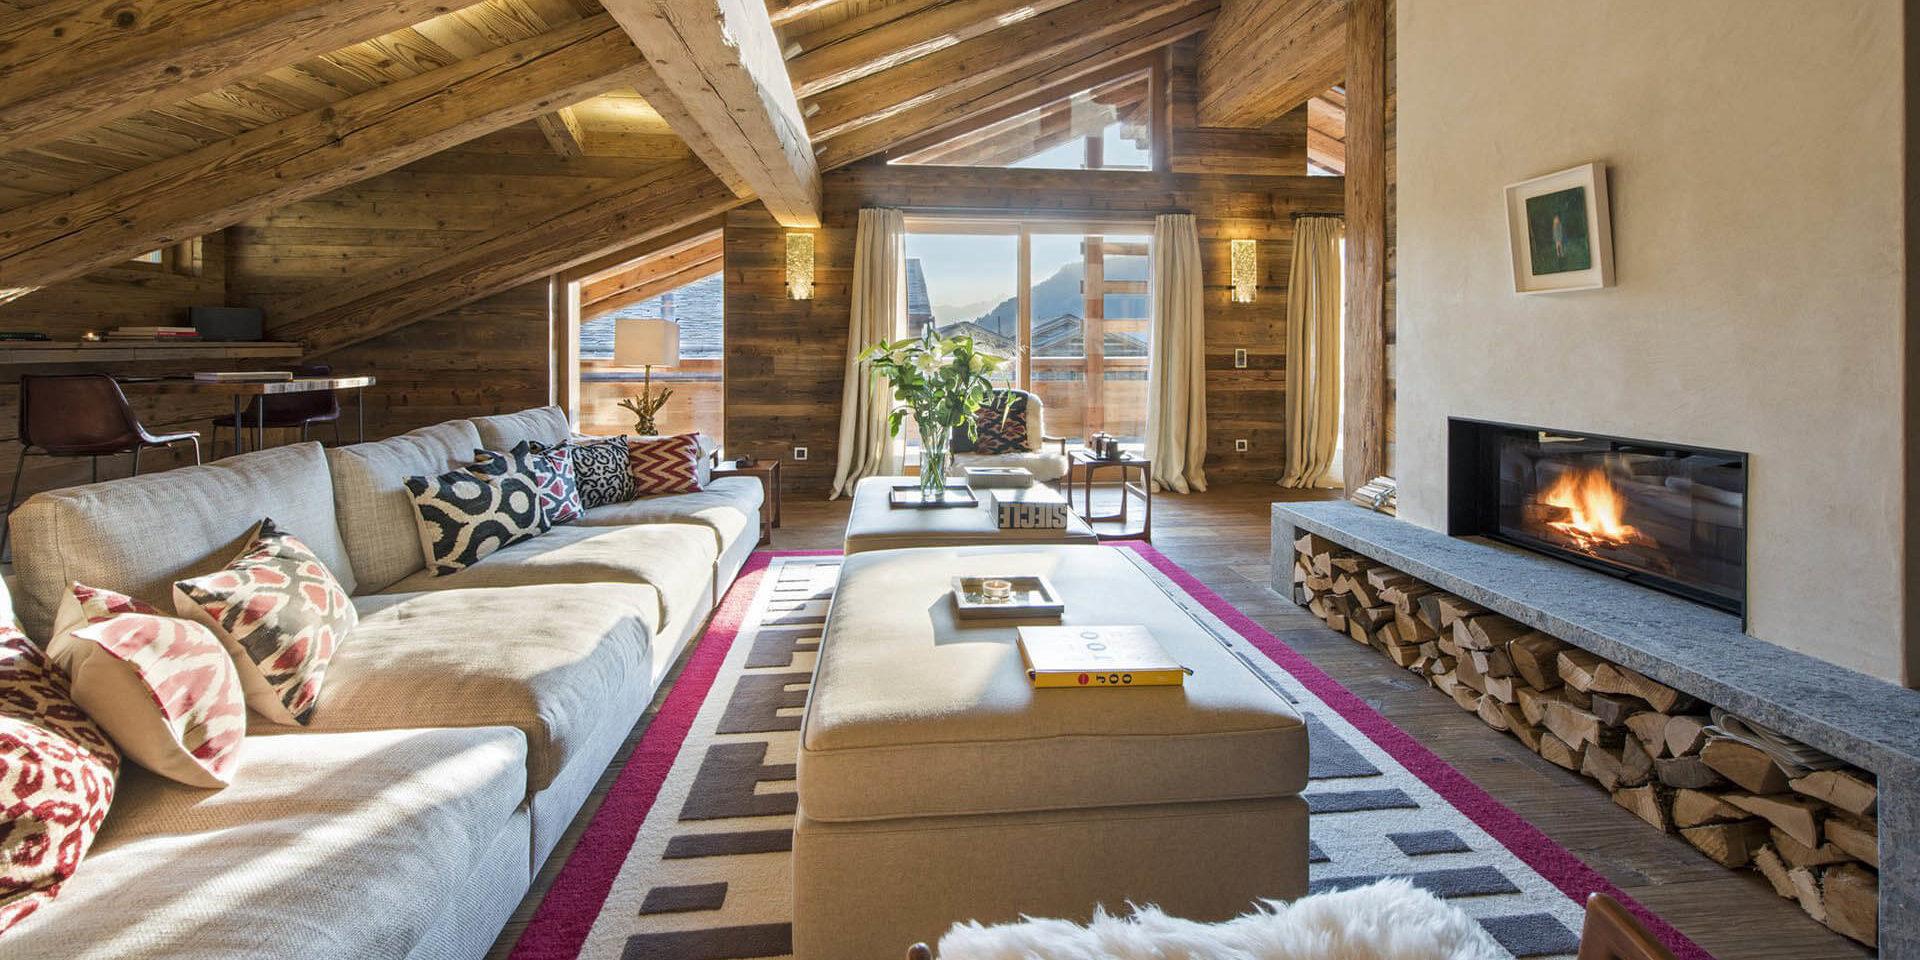 Appartement Place Blanche 2 Verbier Les 4 Vallees Zwitserland wintersport skivakantie luxe living loungebank open haard hocker vloerkleed houten balken raam